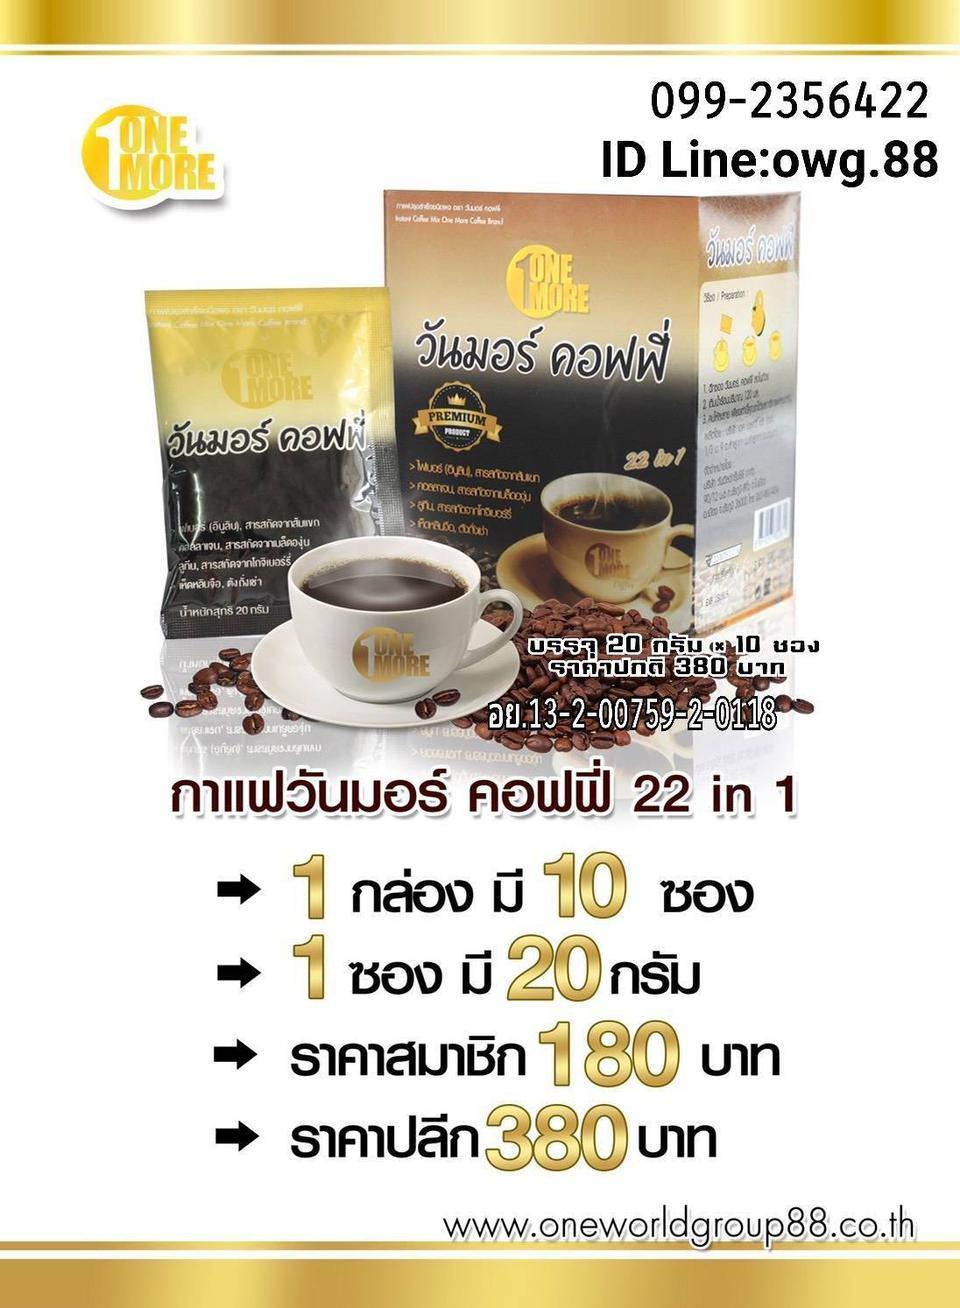 วันมอร์คอฟฟี่ 22 in 1 กาแฟเพื่อสุขภาพด้วยสารสกัดธรรมชาติรวม 22 ชนิด ดีต่อสุขภาพ ดีต่อคุณ รูปที่ 1